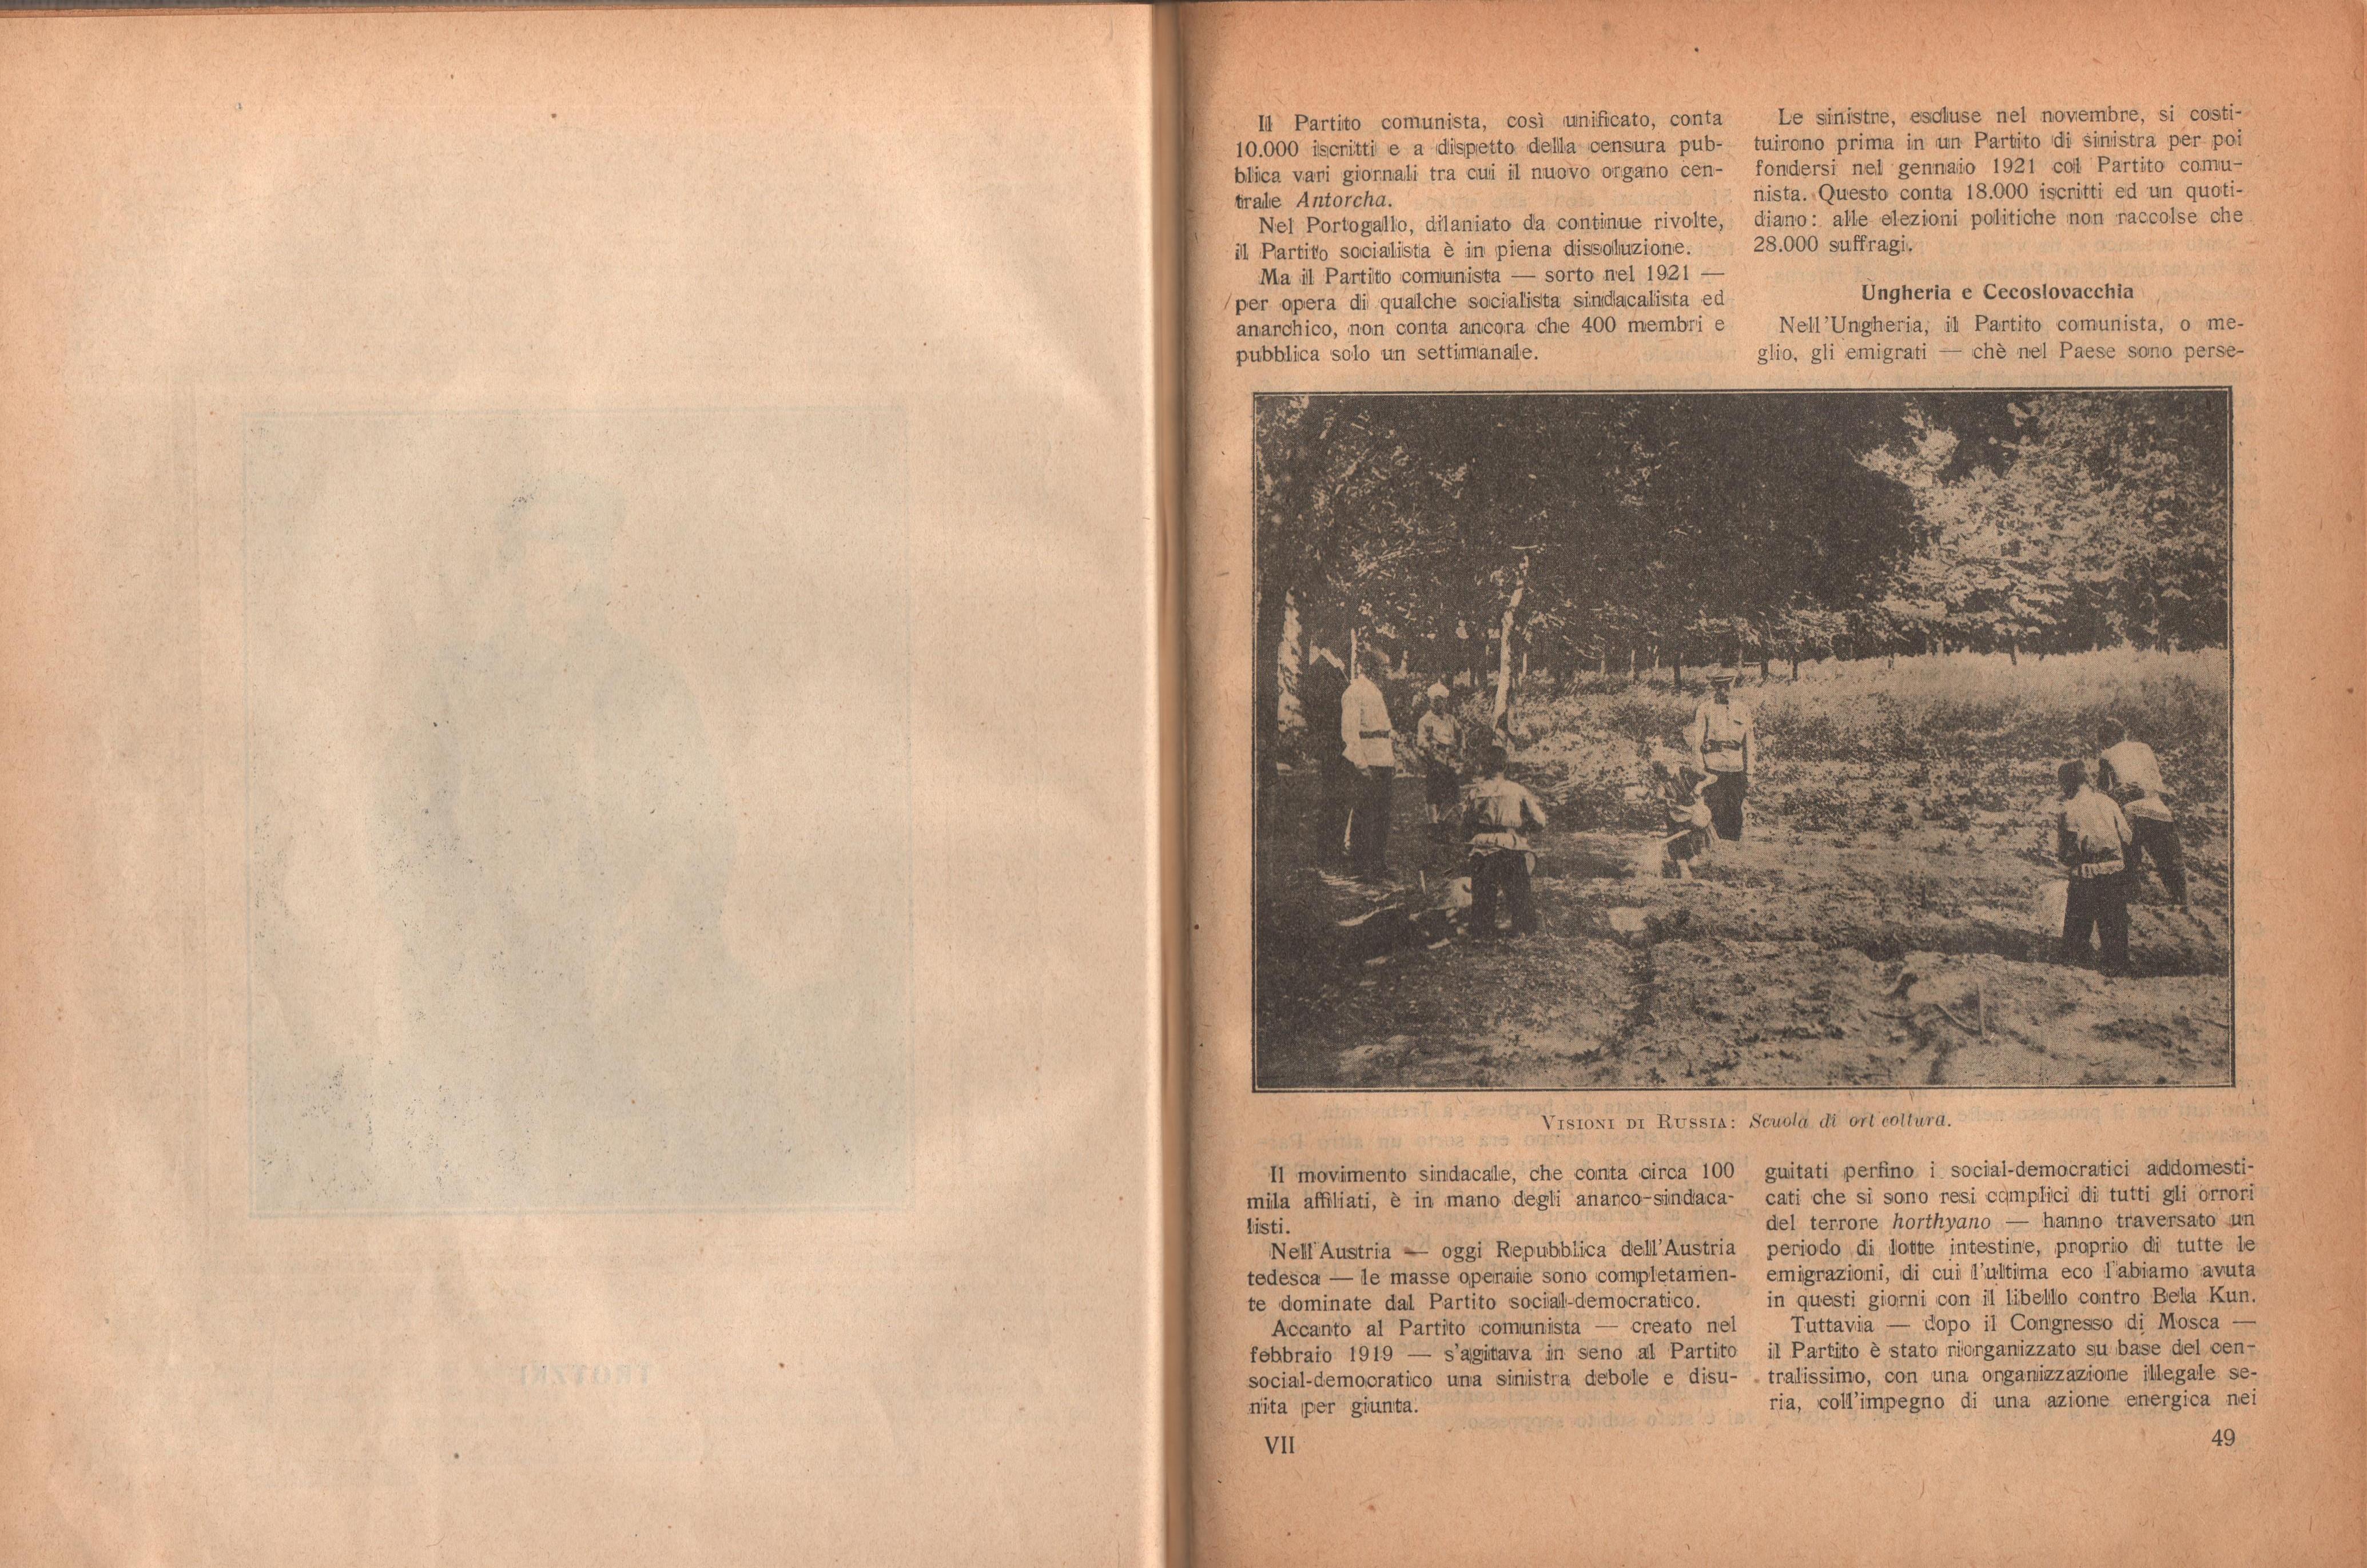 Almanacco comunista 1922 - pag. 30